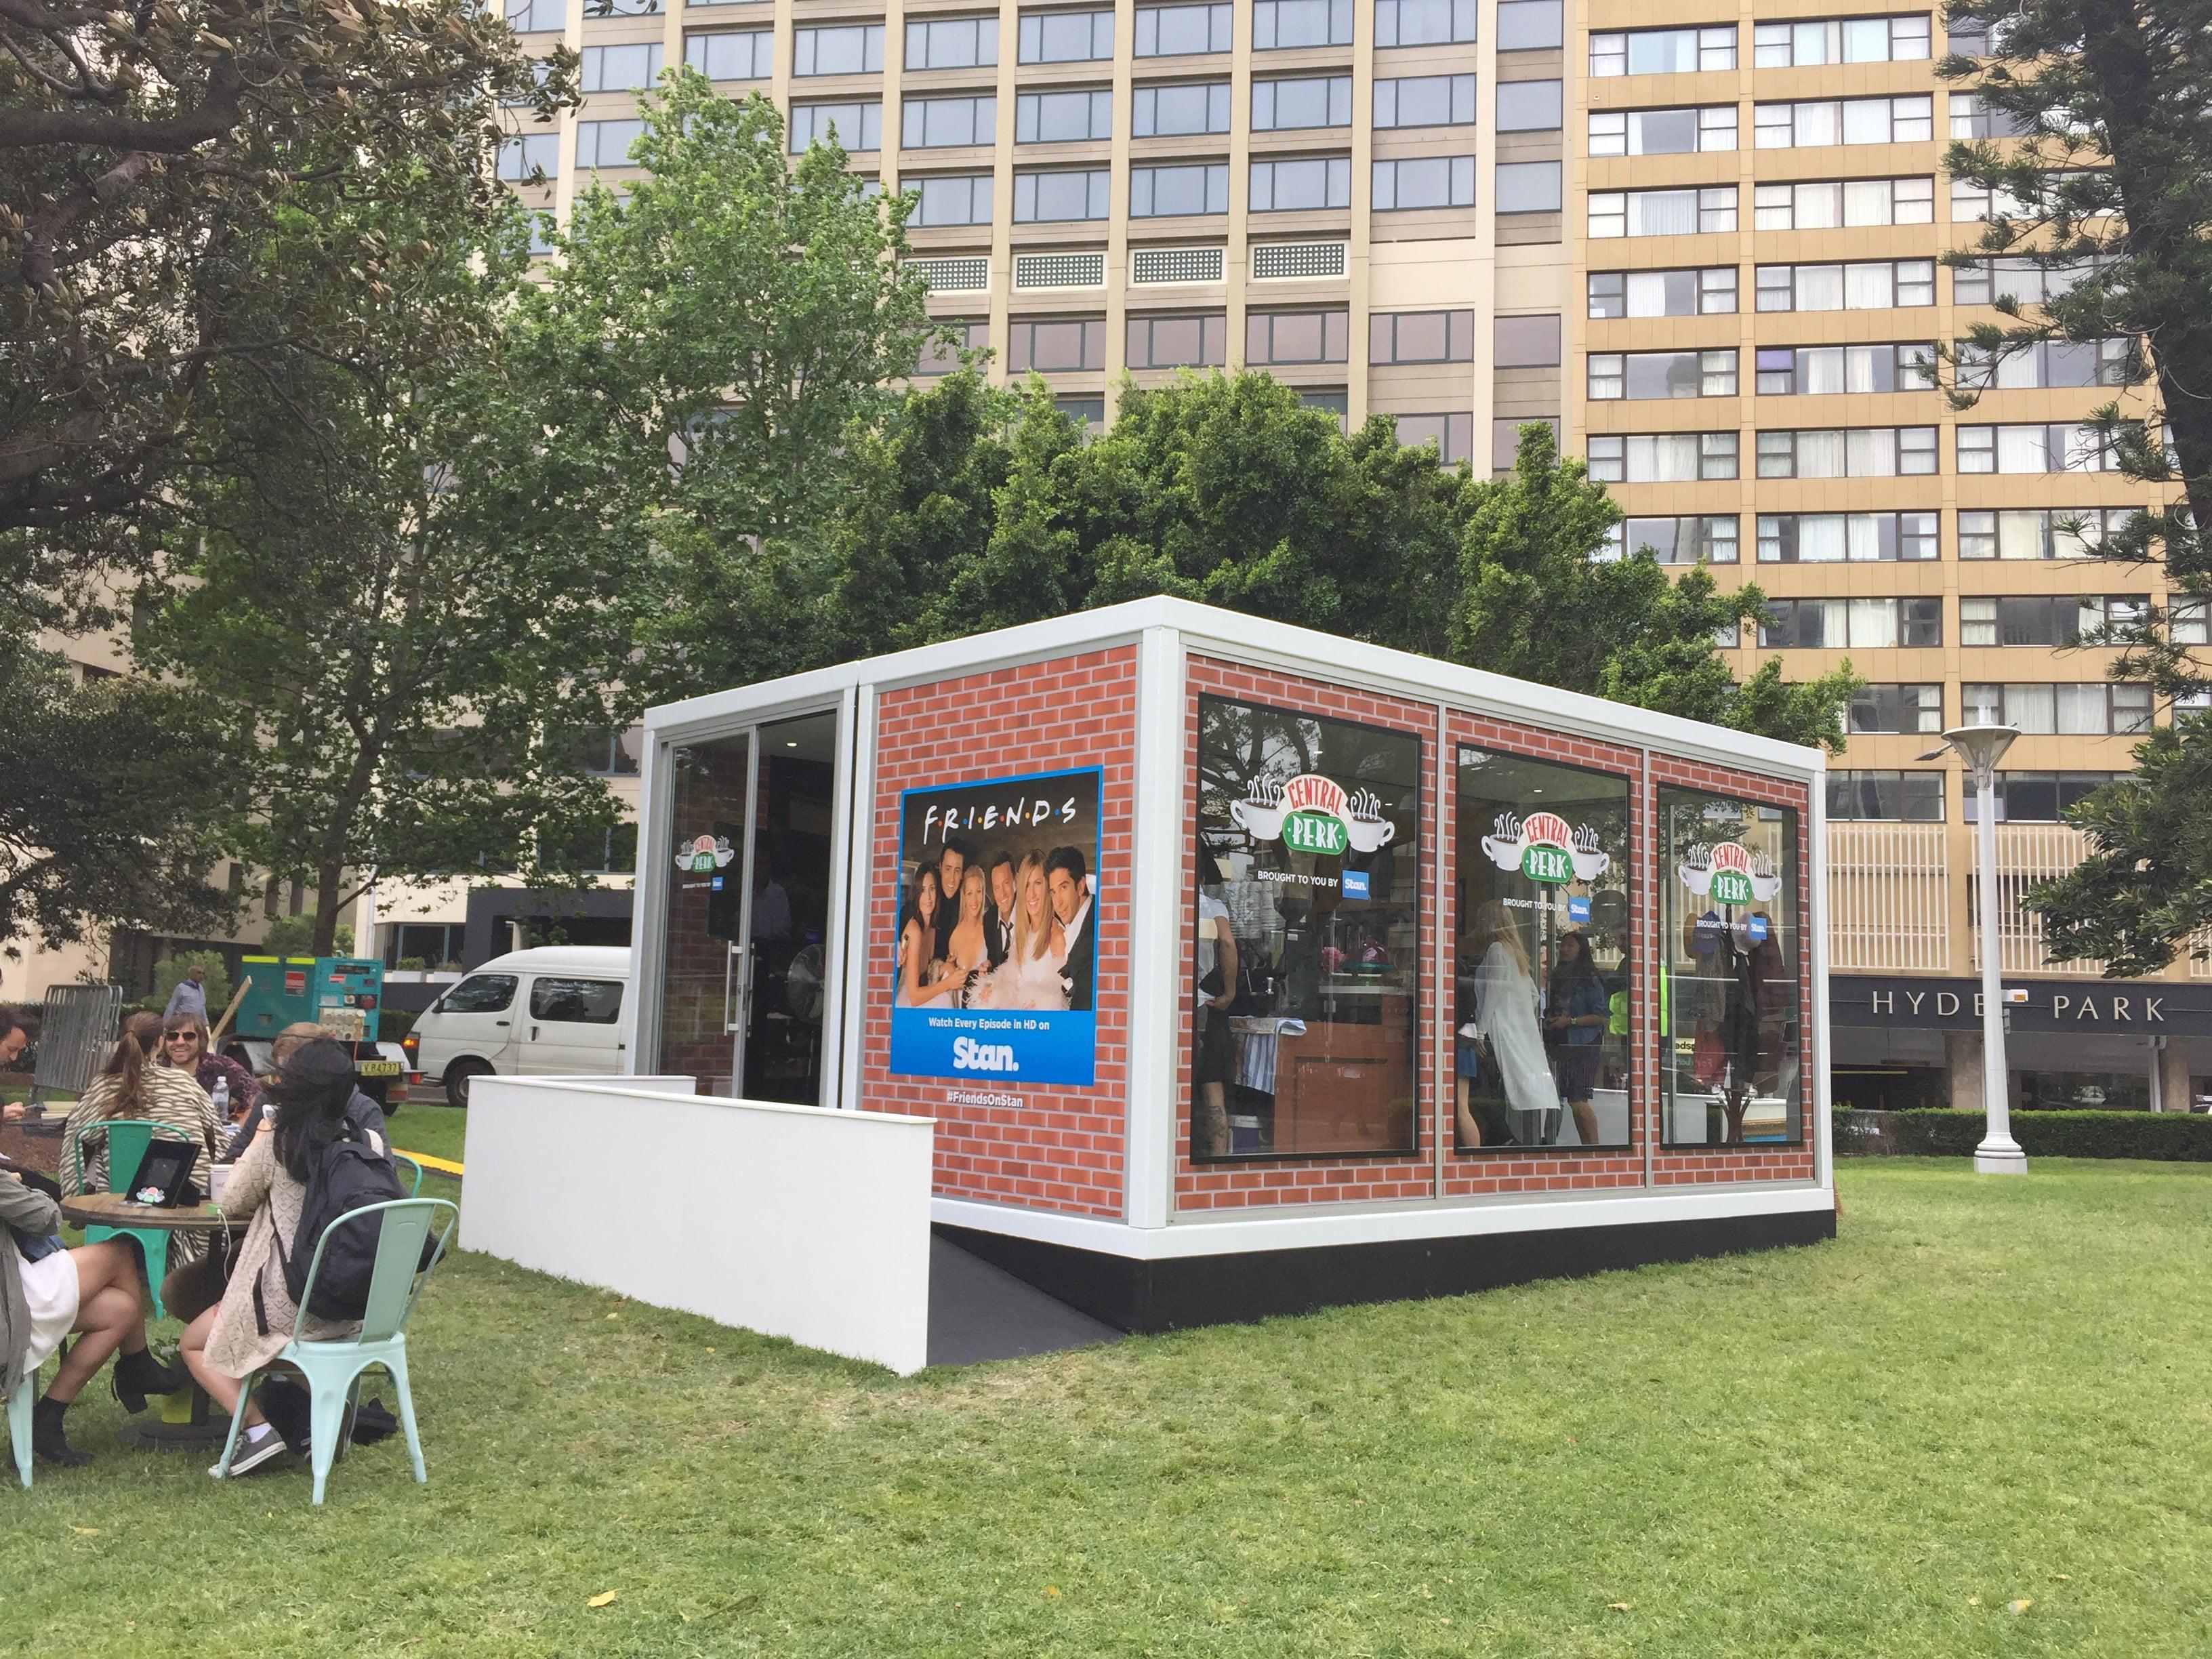 central perk pops up in hyde park eat drink play. Black Bedroom Furniture Sets. Home Design Ideas